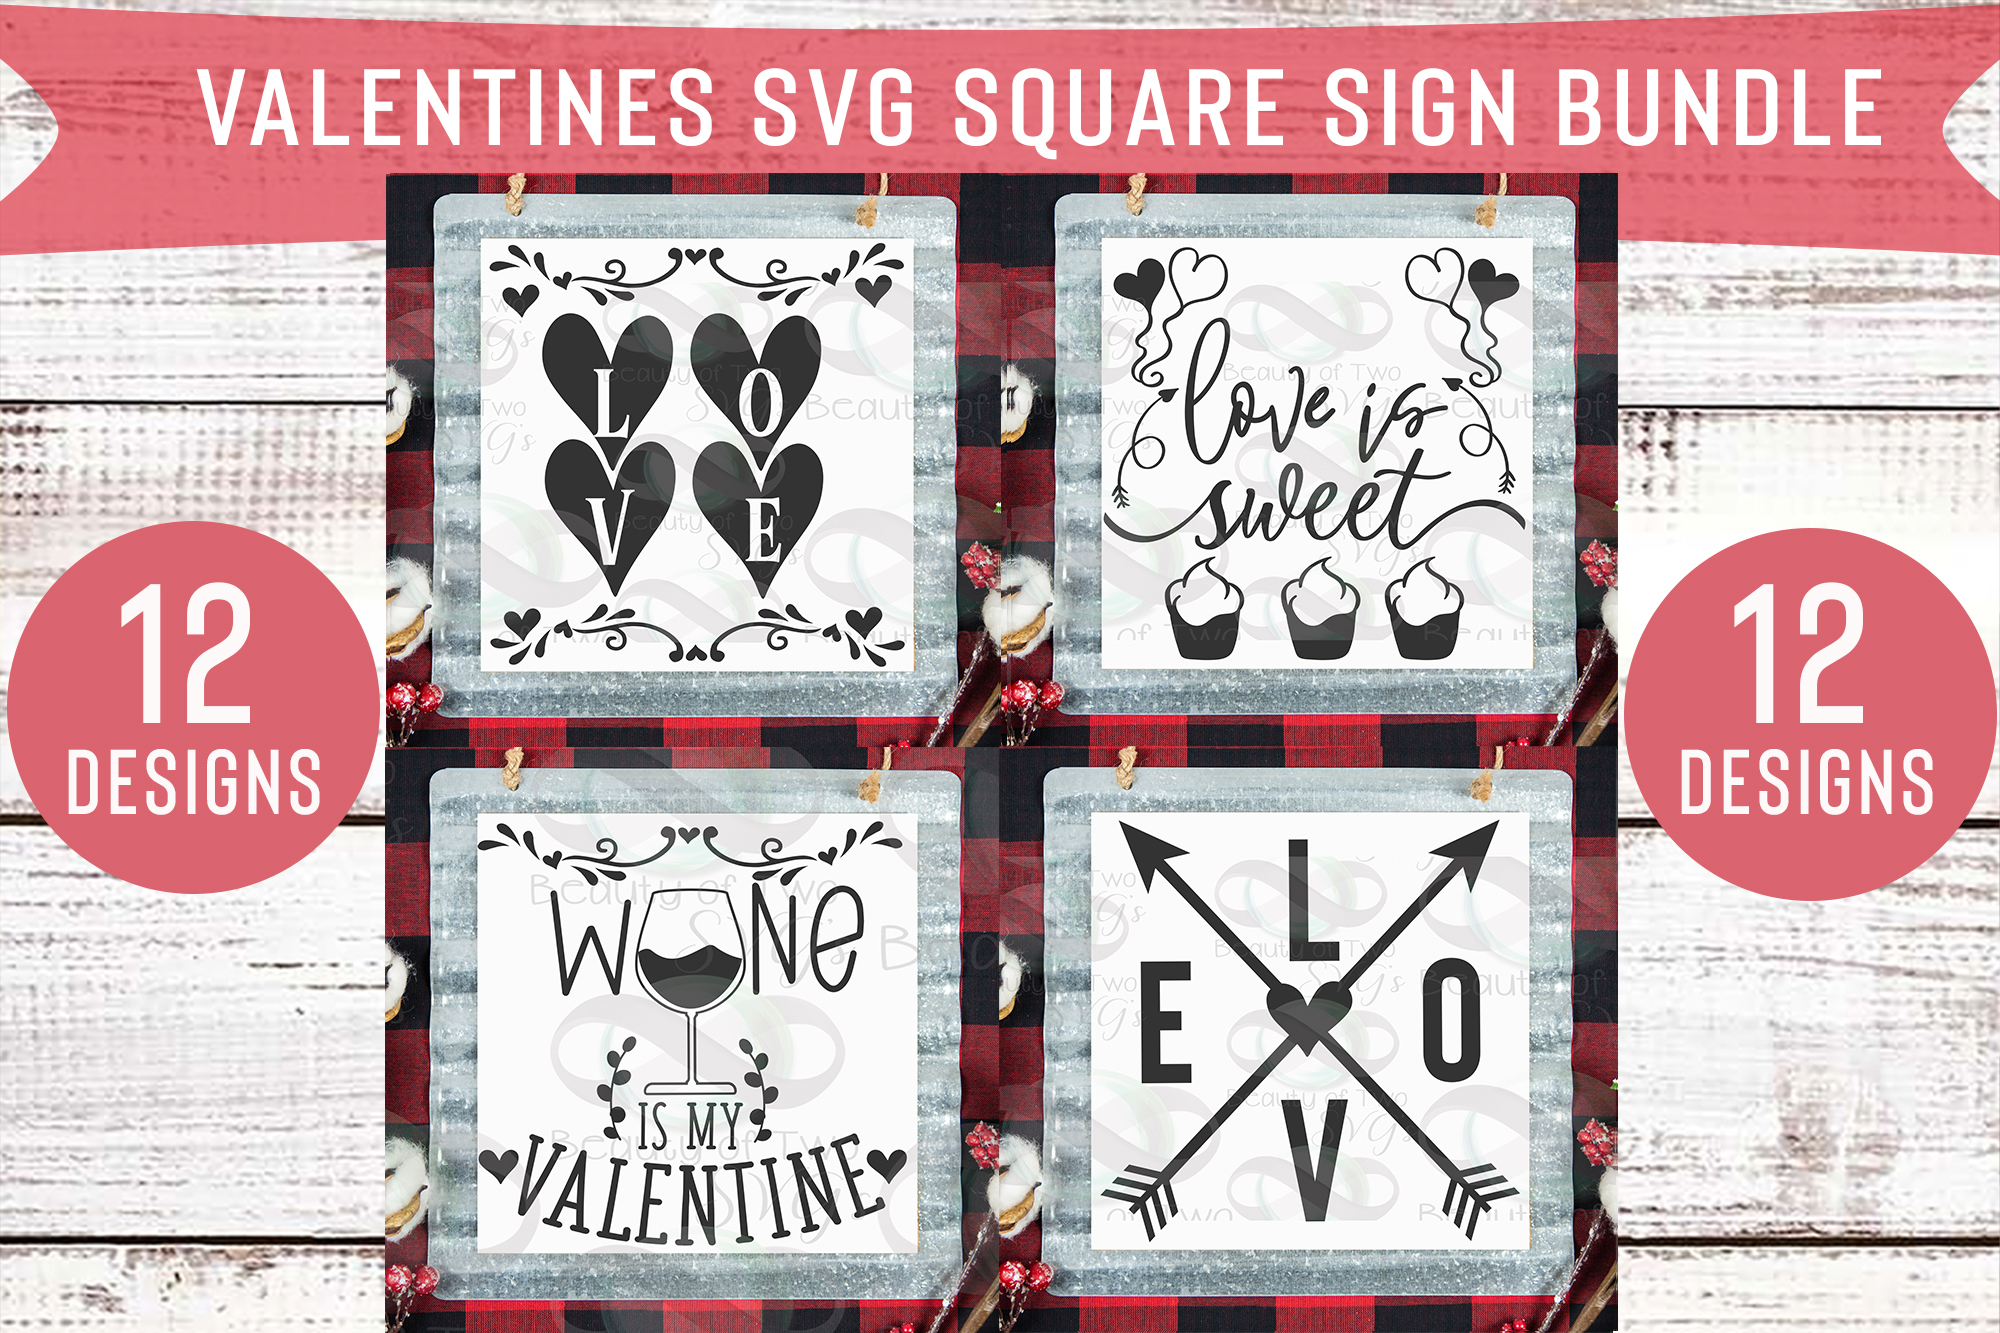 Valentines Square Svg Sign Bundle, 12 svg Valentines Designs example image 4